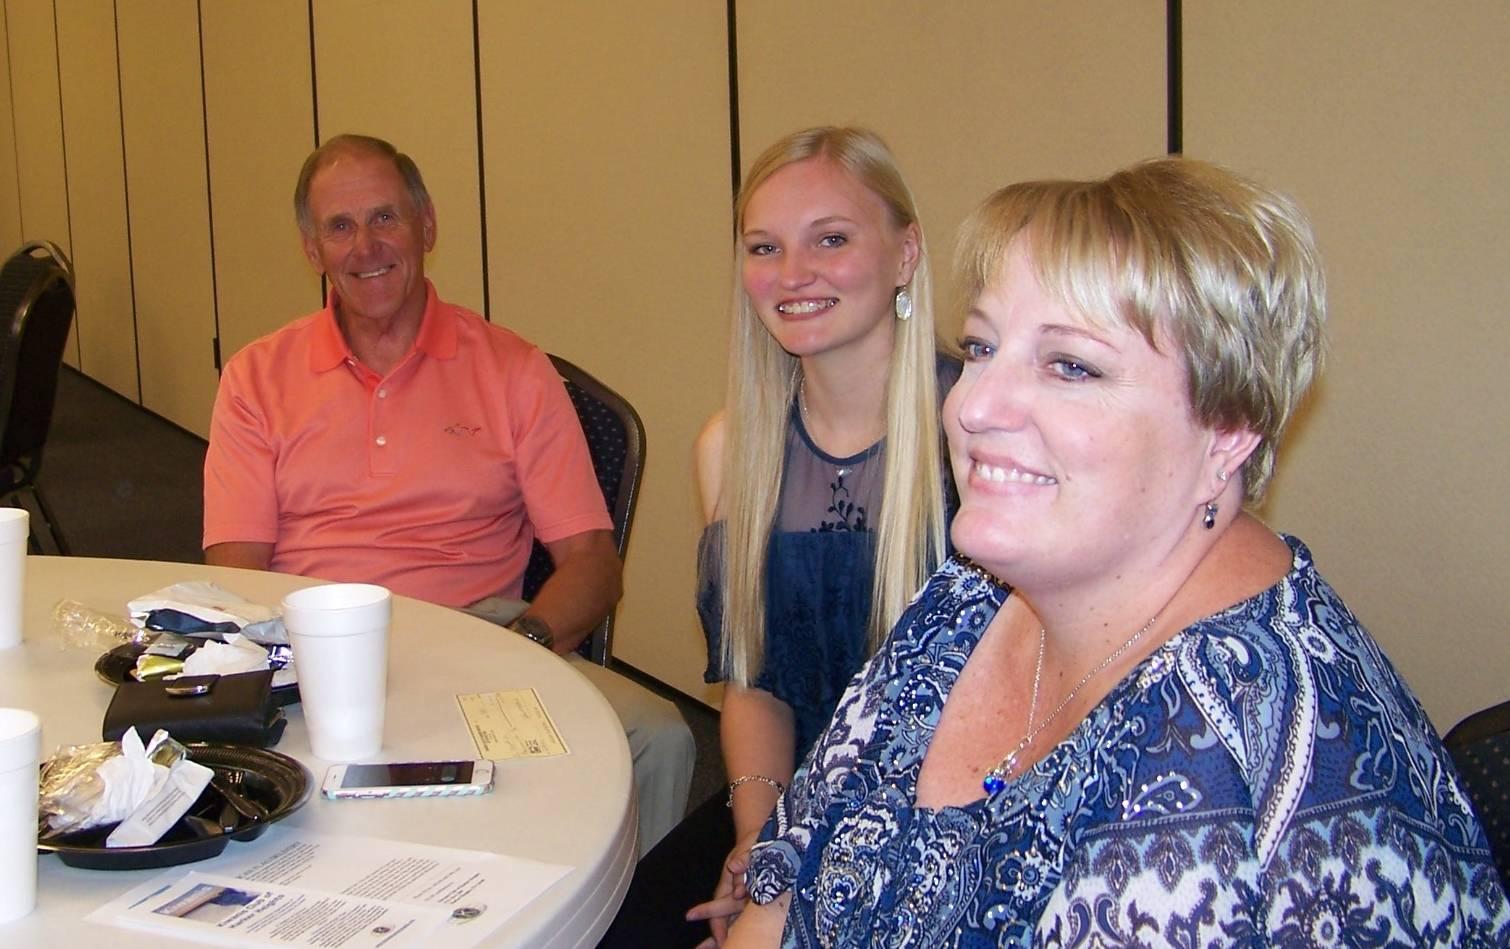 Garry McNiesh, Gwyneth & Brooke Udy